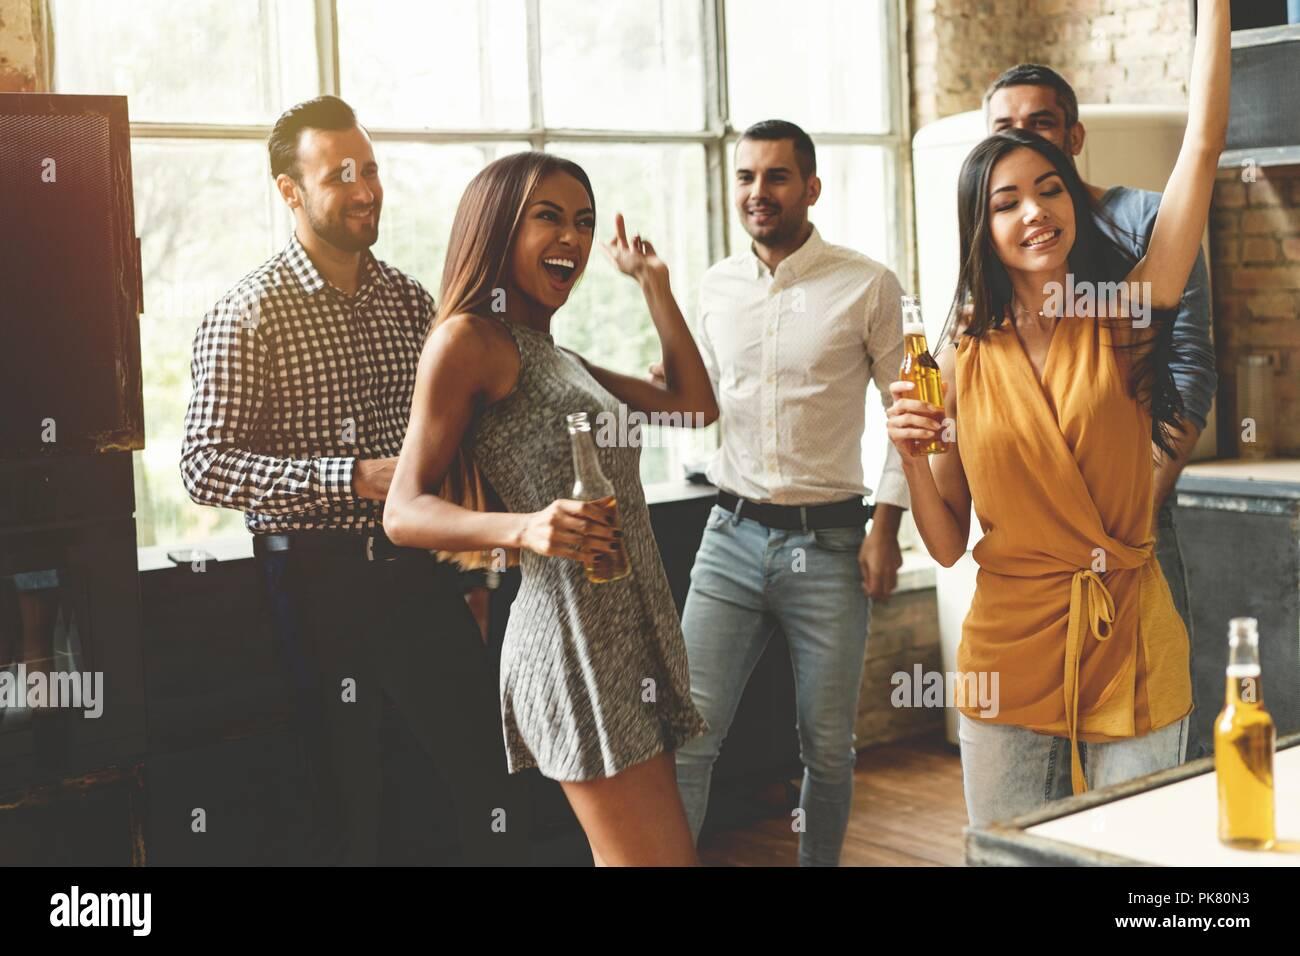 Disfruta de la mejor fiesta con los amigos. Alegres jóvenes bailando y bebiendo mientras disfruta del partido en casa en la cocina. Imagen De Stock